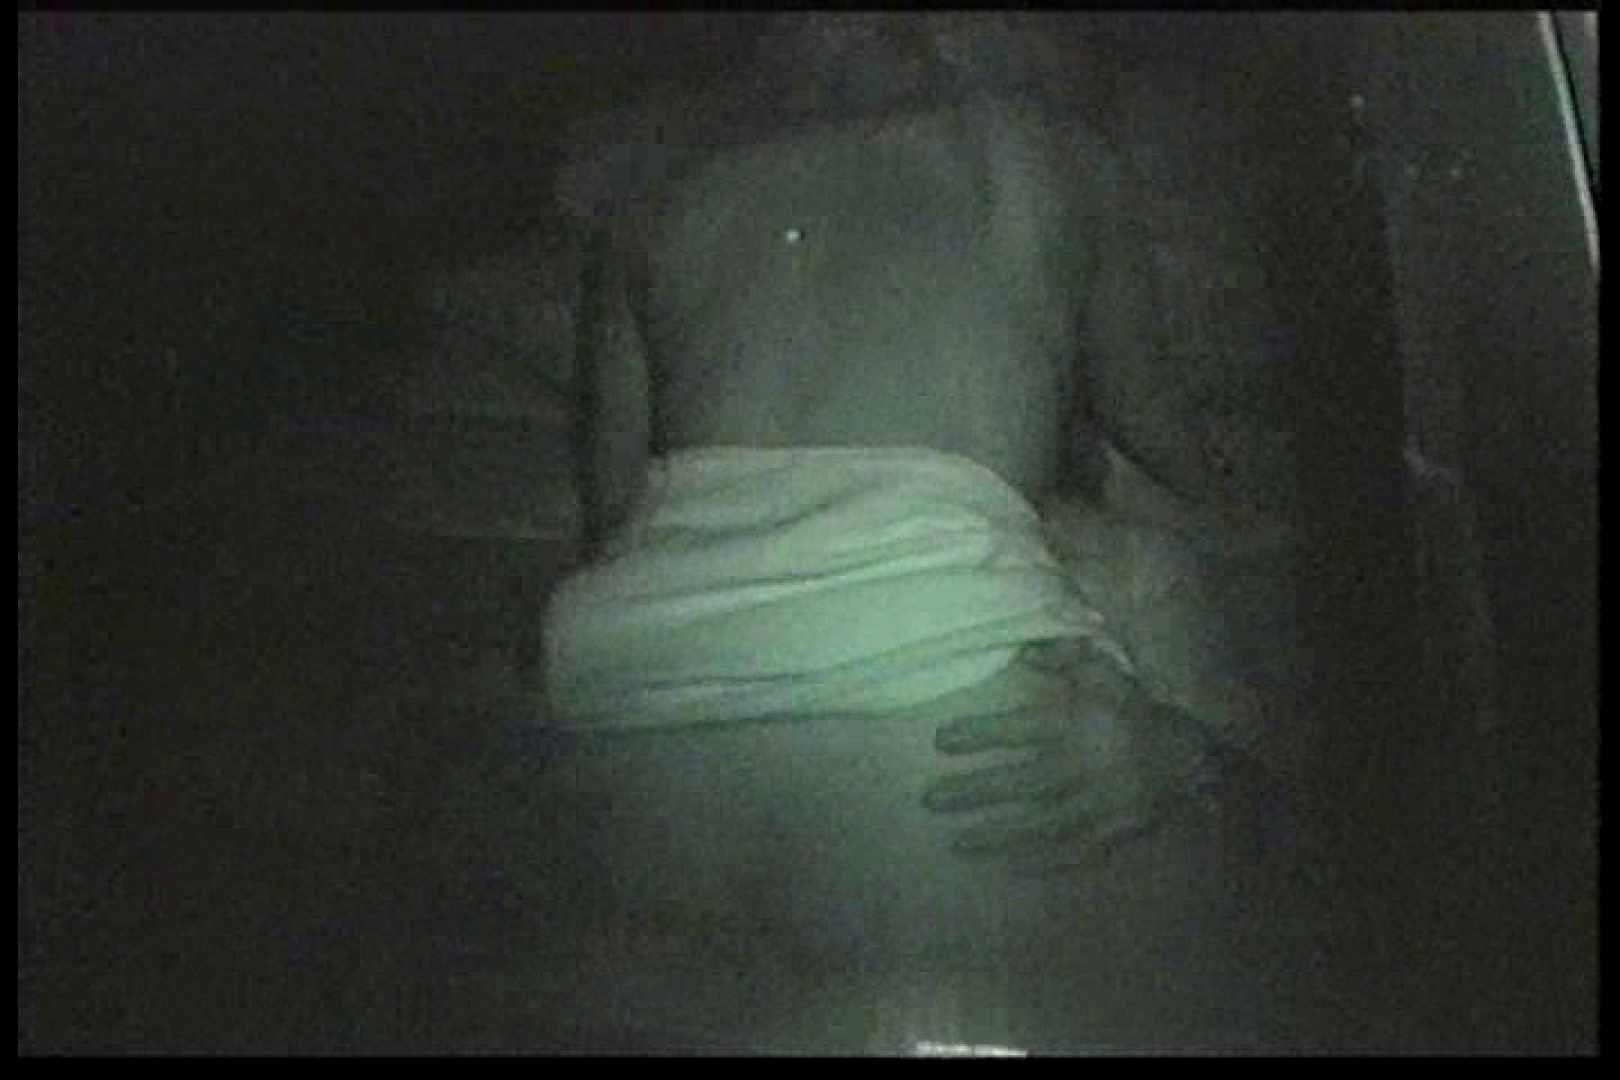 カーセックス未編集・無修正版 Vol.8前編 セックス流出映像 アダルト動画キャプチャ 56連発 27